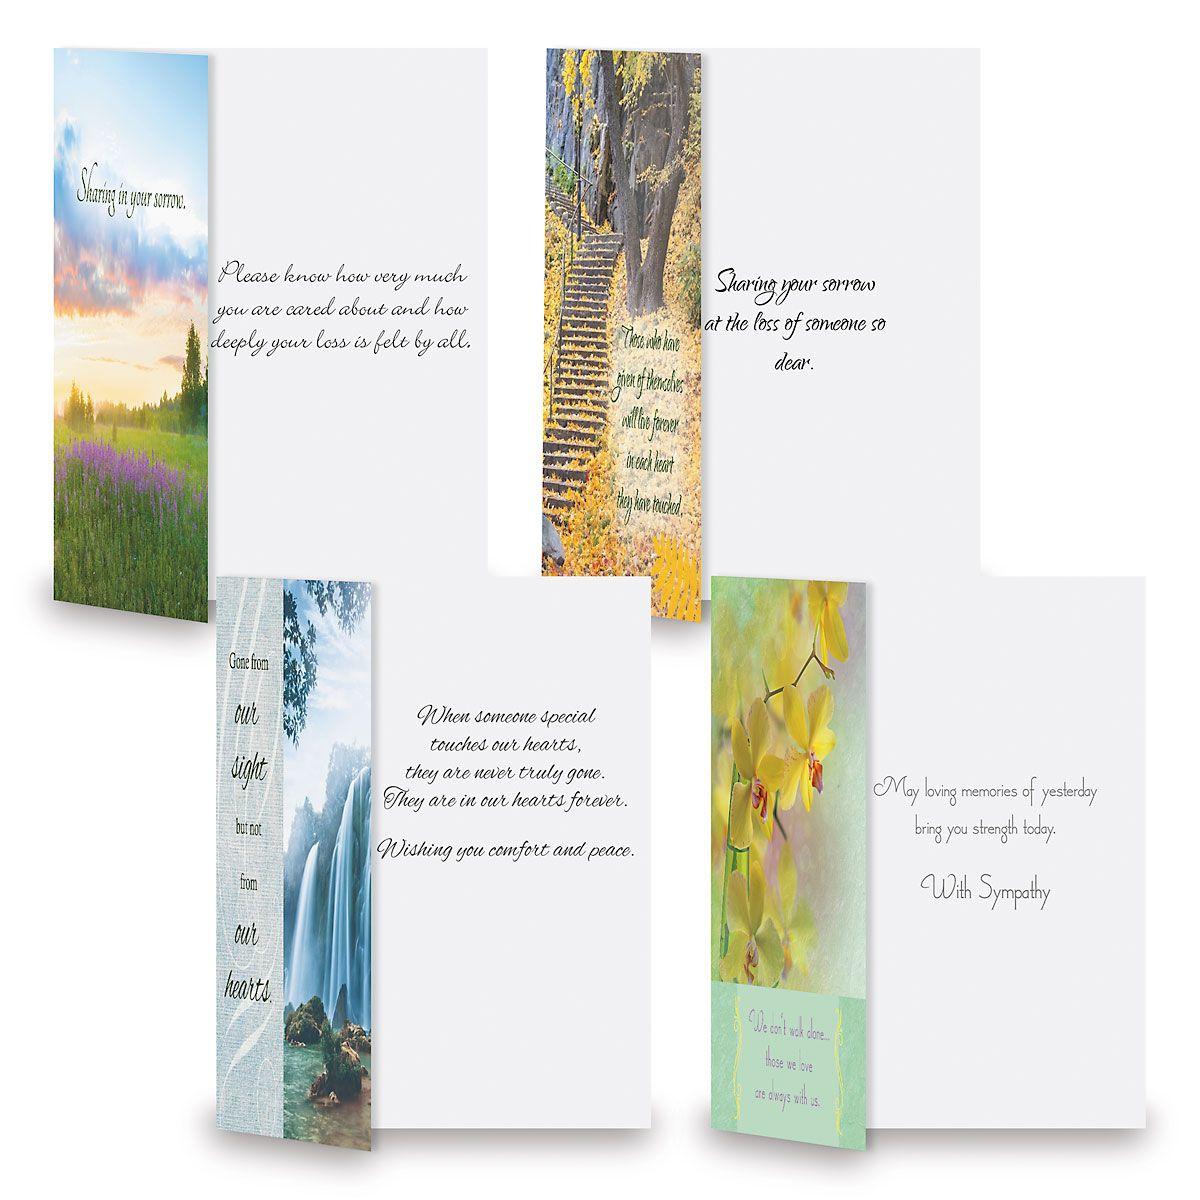 Mega Sympathy Cards Value Pack